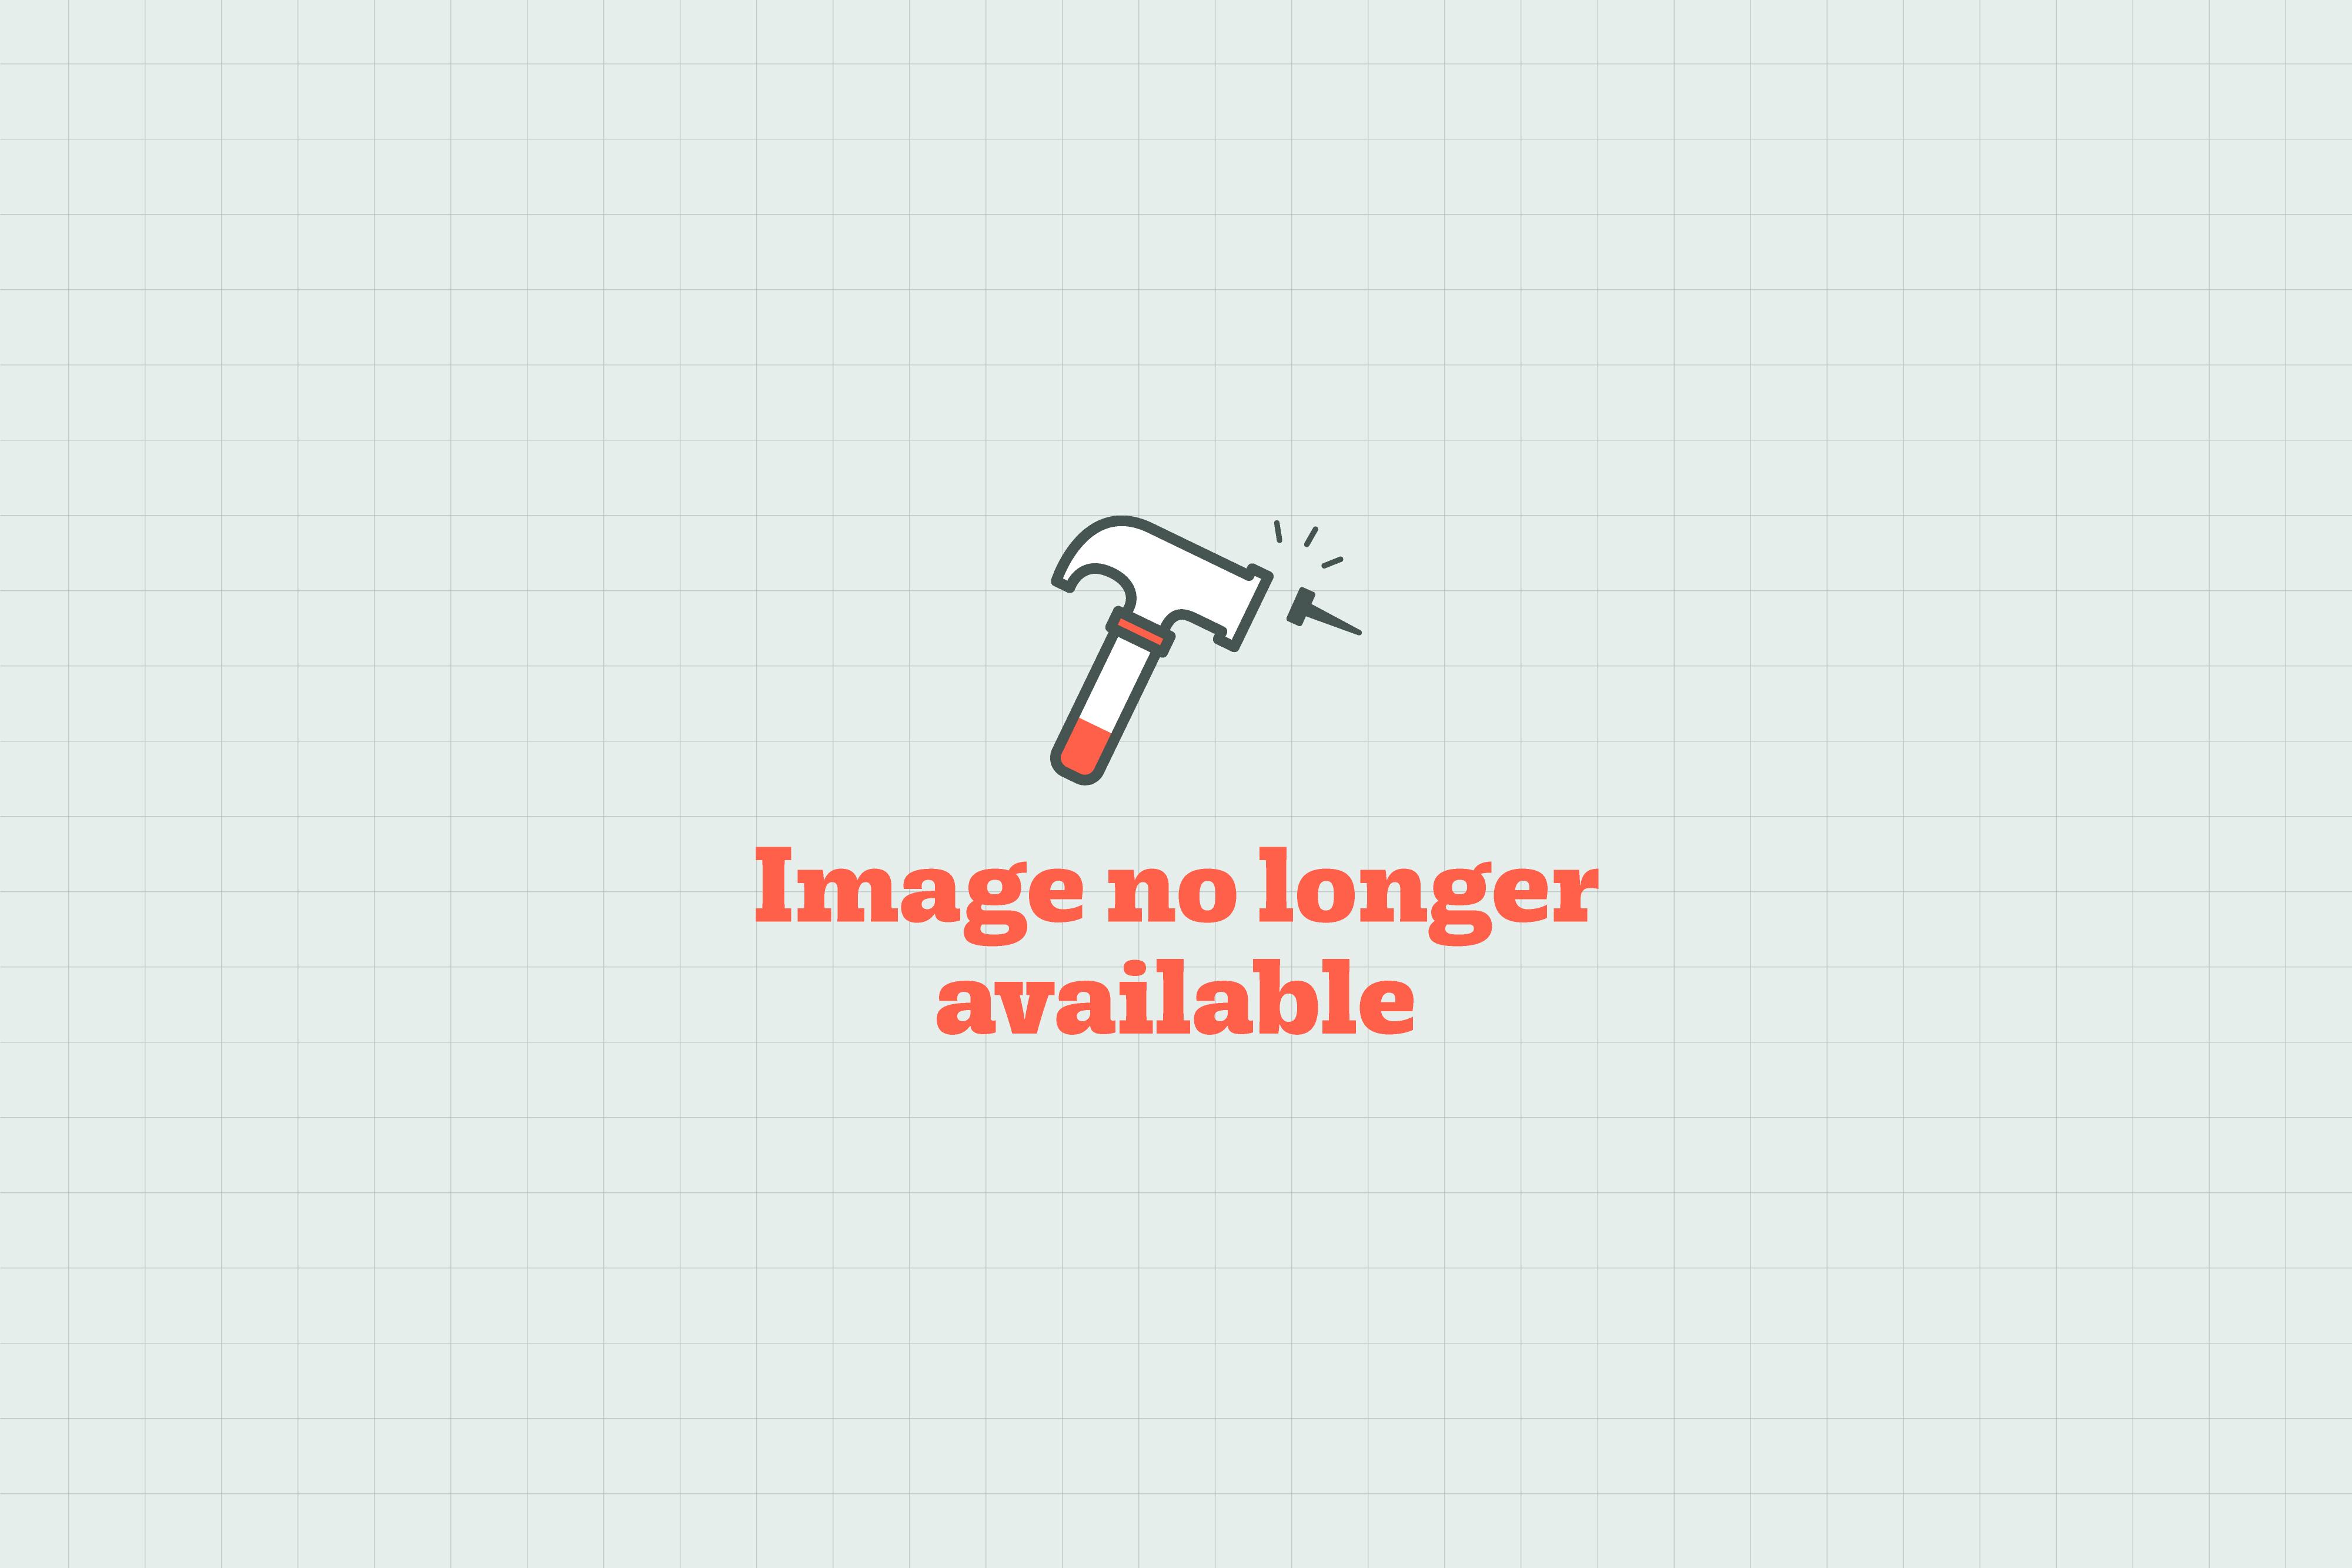 LA_sean_pavone_shutterstock.0.0.jpg (3000×2003)